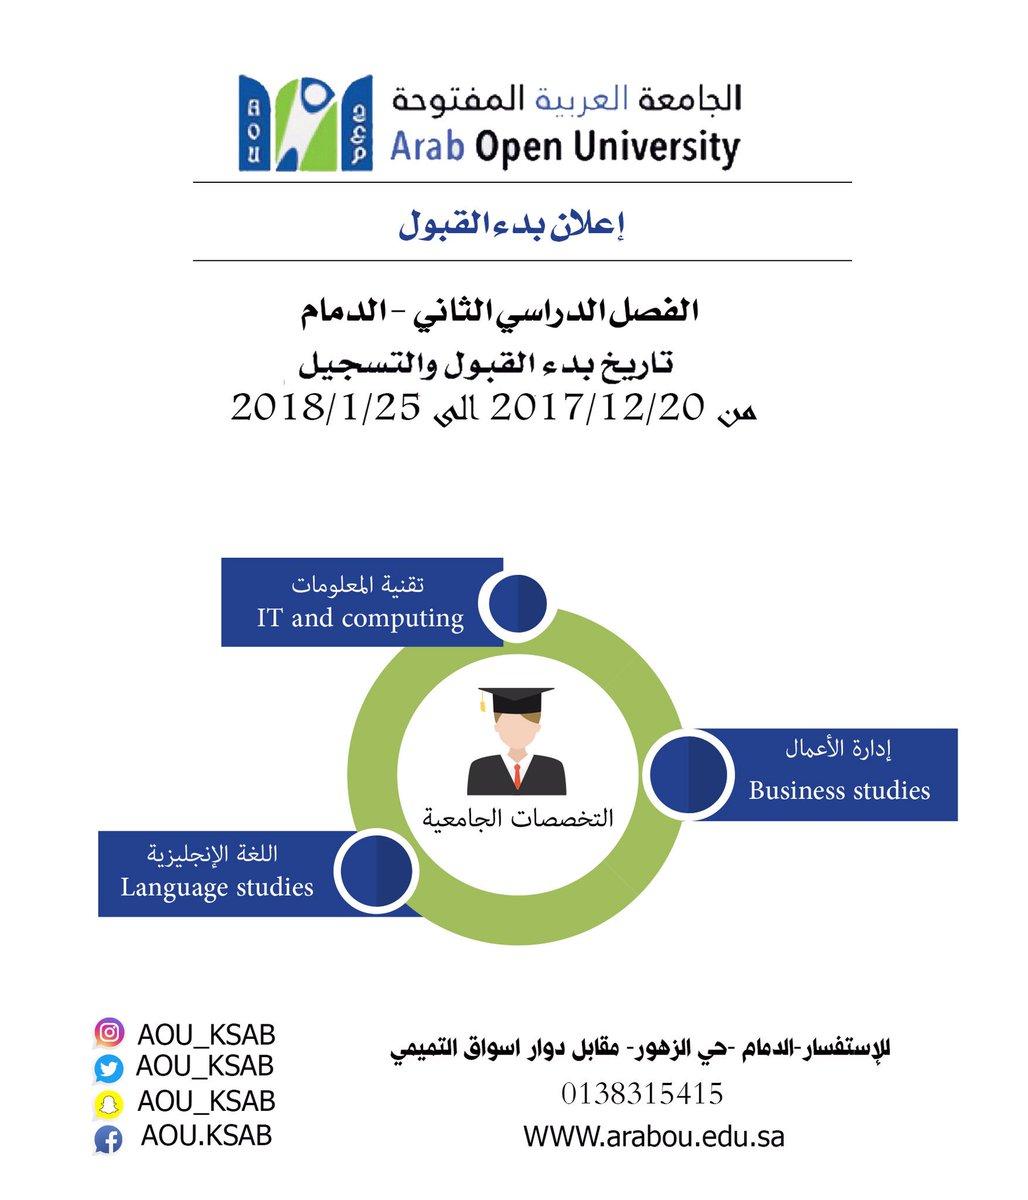 رسوم الجامعة العربية المفتوحة